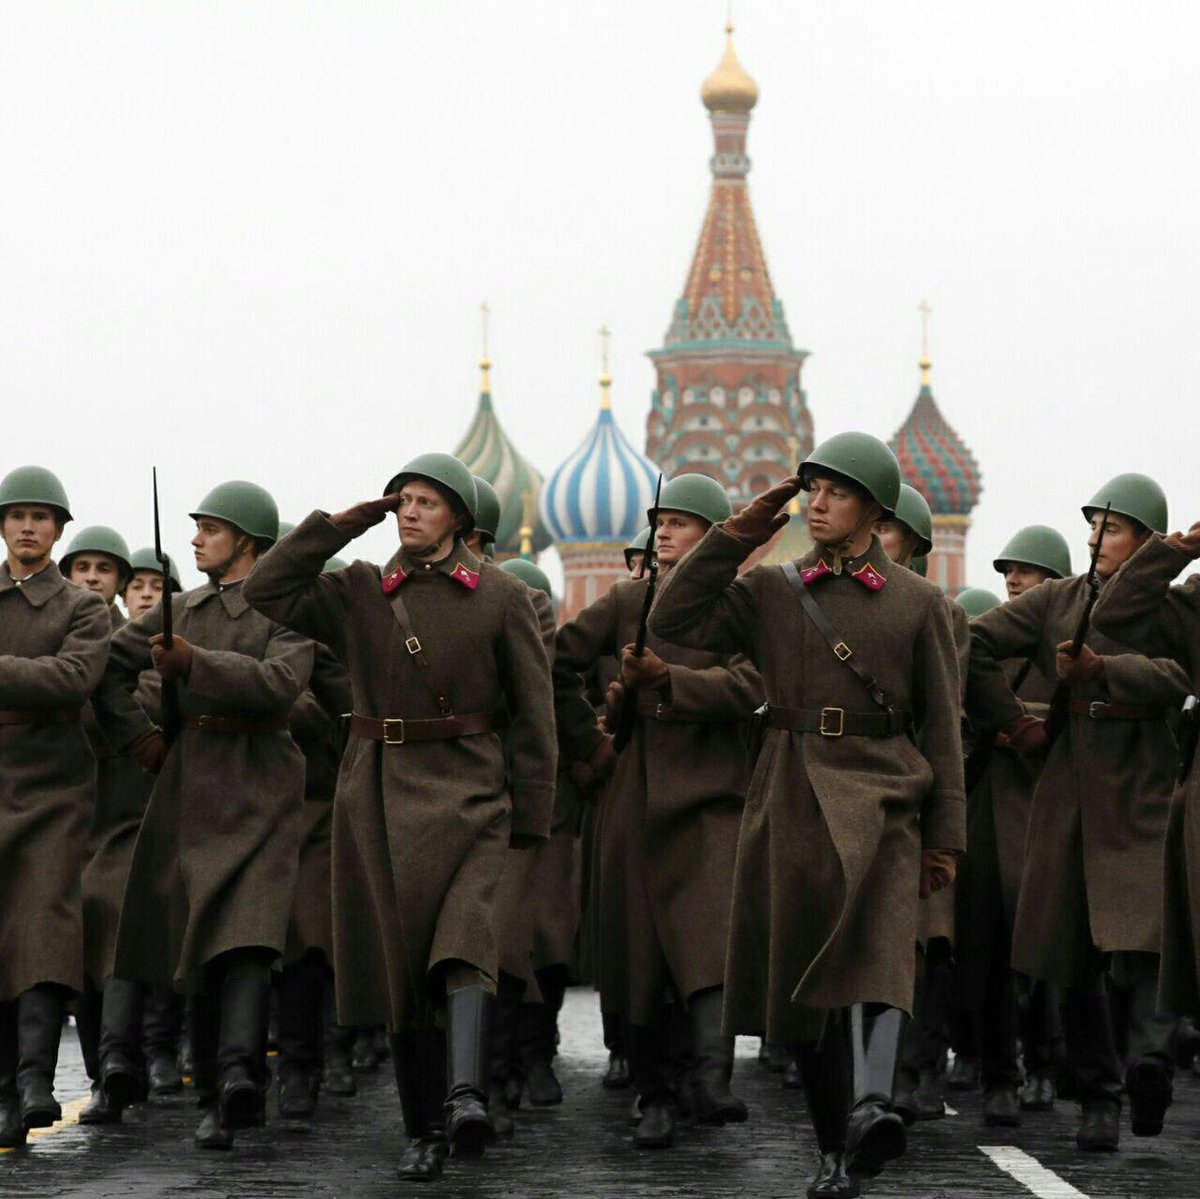 воинская слава россии конечно славянский бог